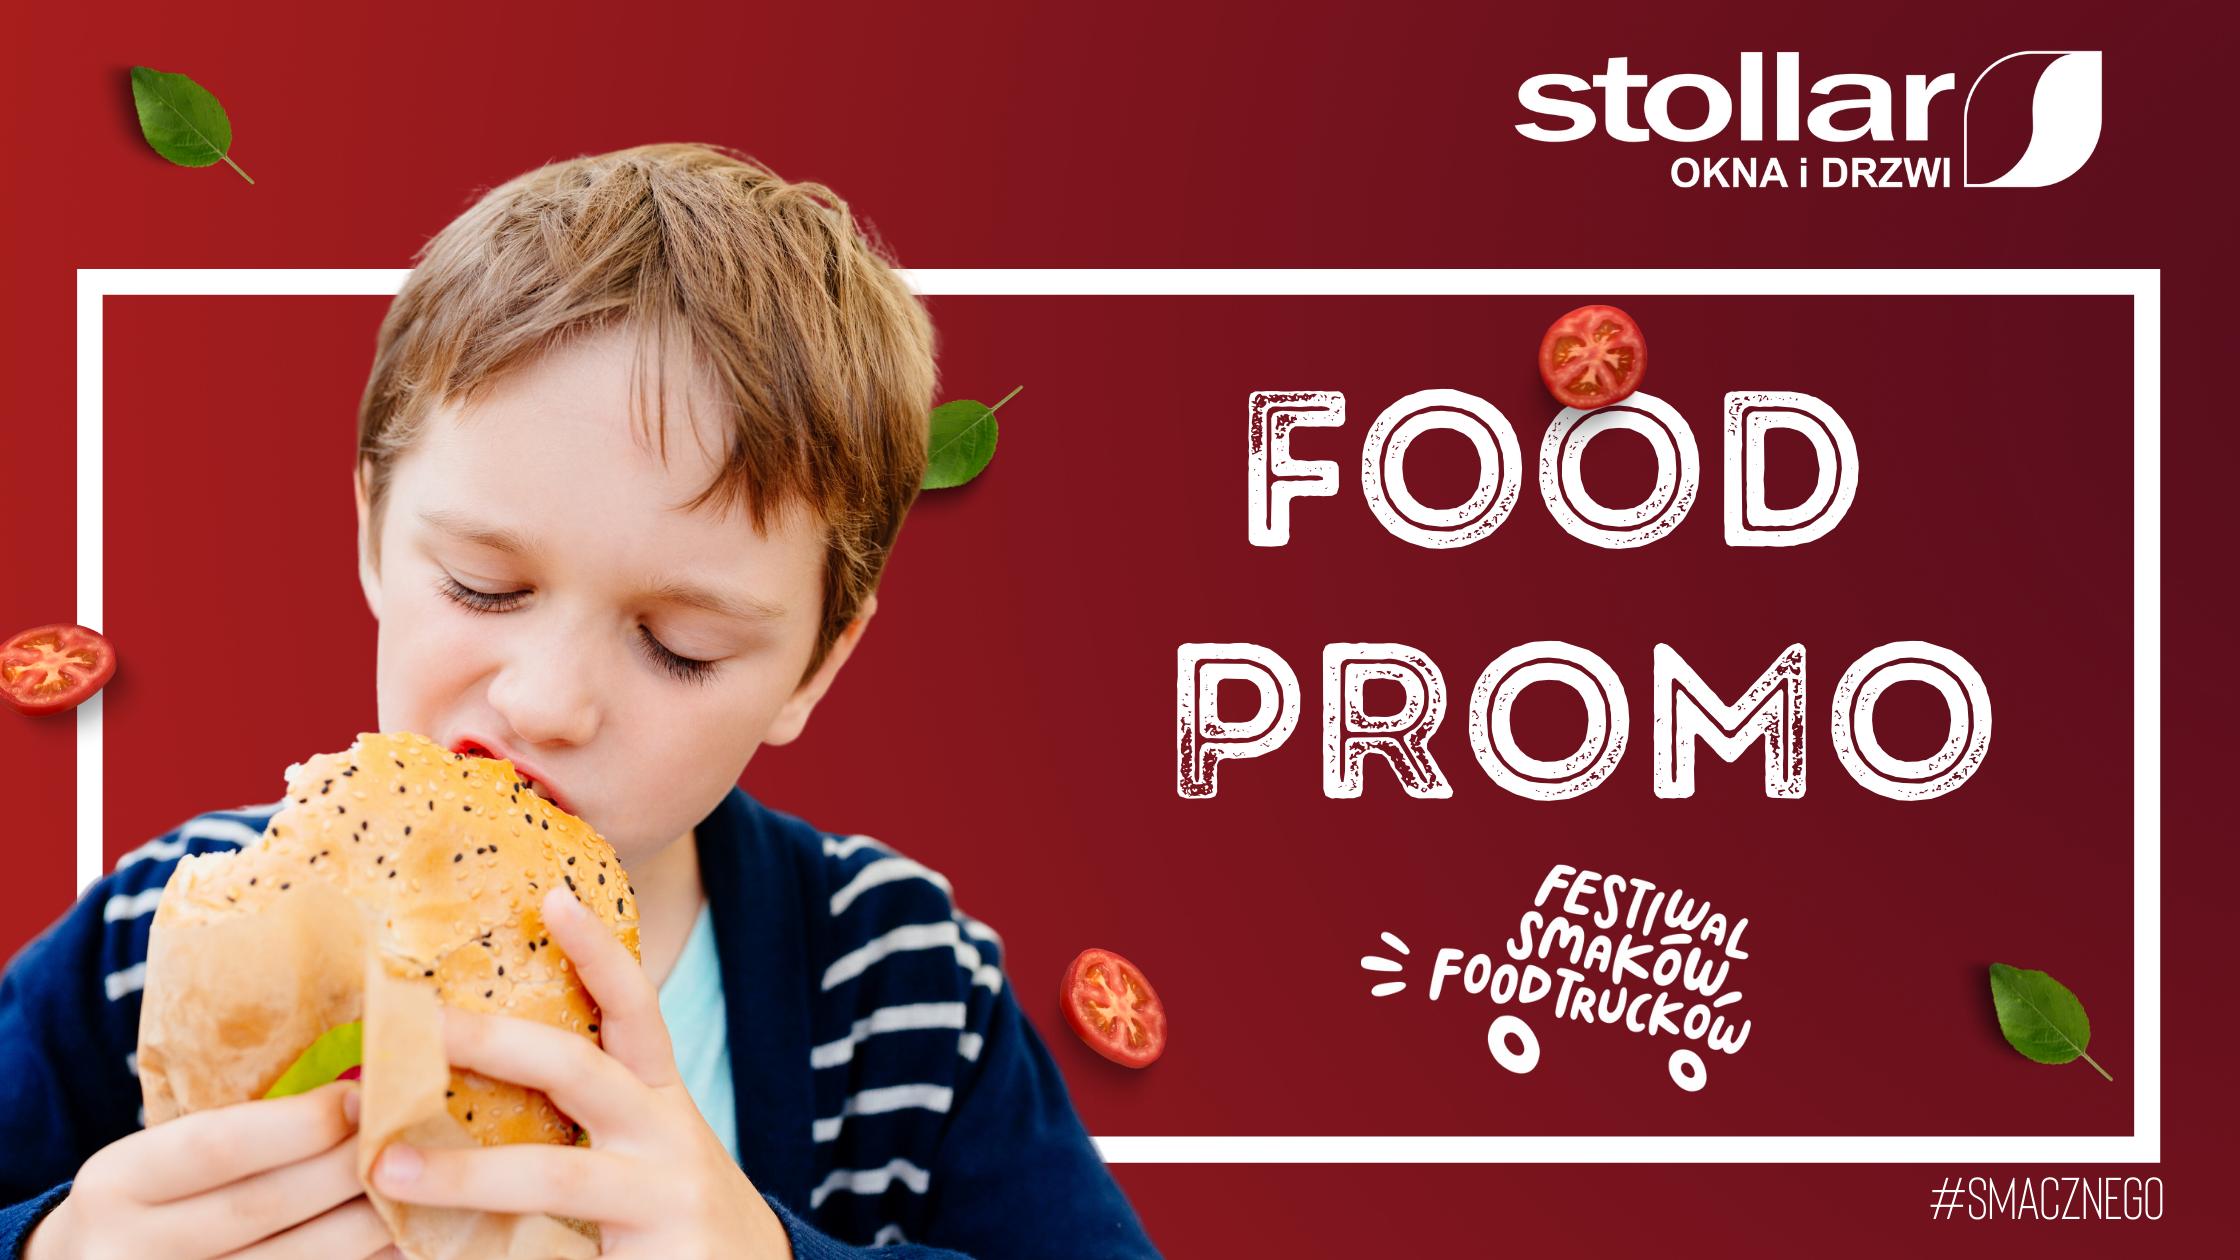 Świętuj zakończenie roku szkolnego ze specjalnymi kuponami Stollar Food Promo!